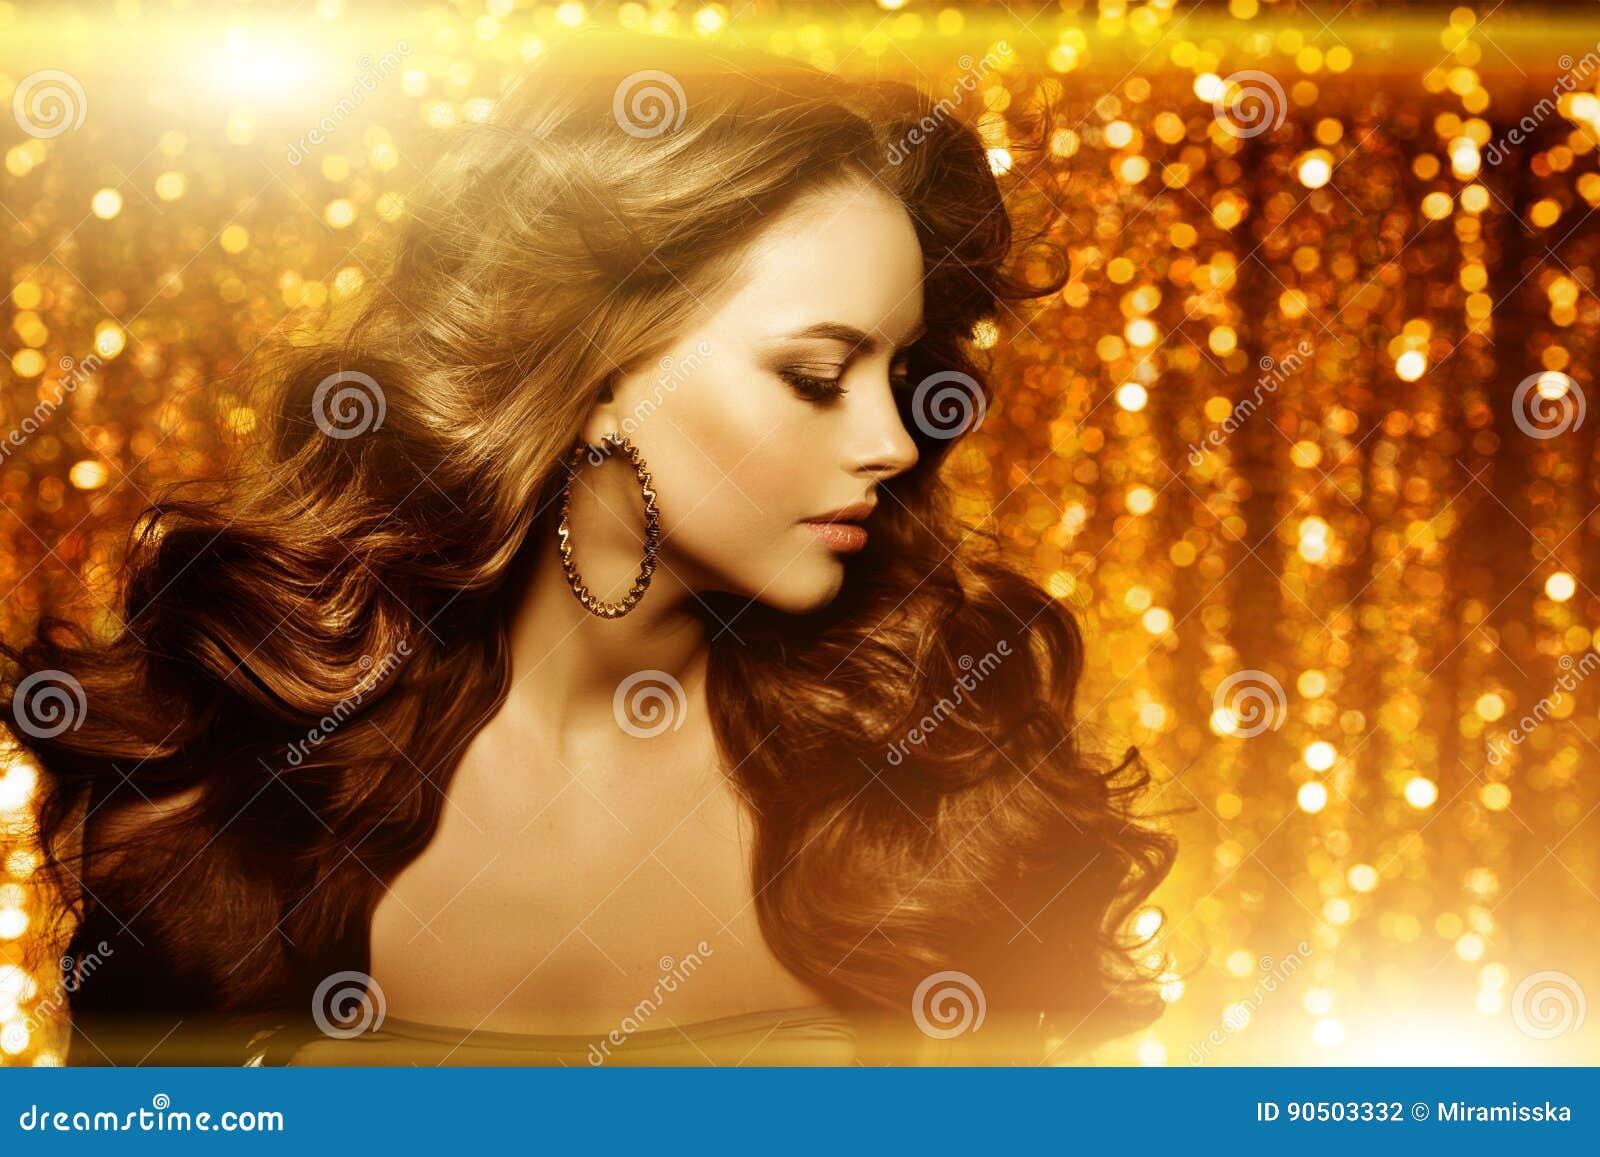 Золотая красивая женщина моды, модель с сияющим здоровым длинным v